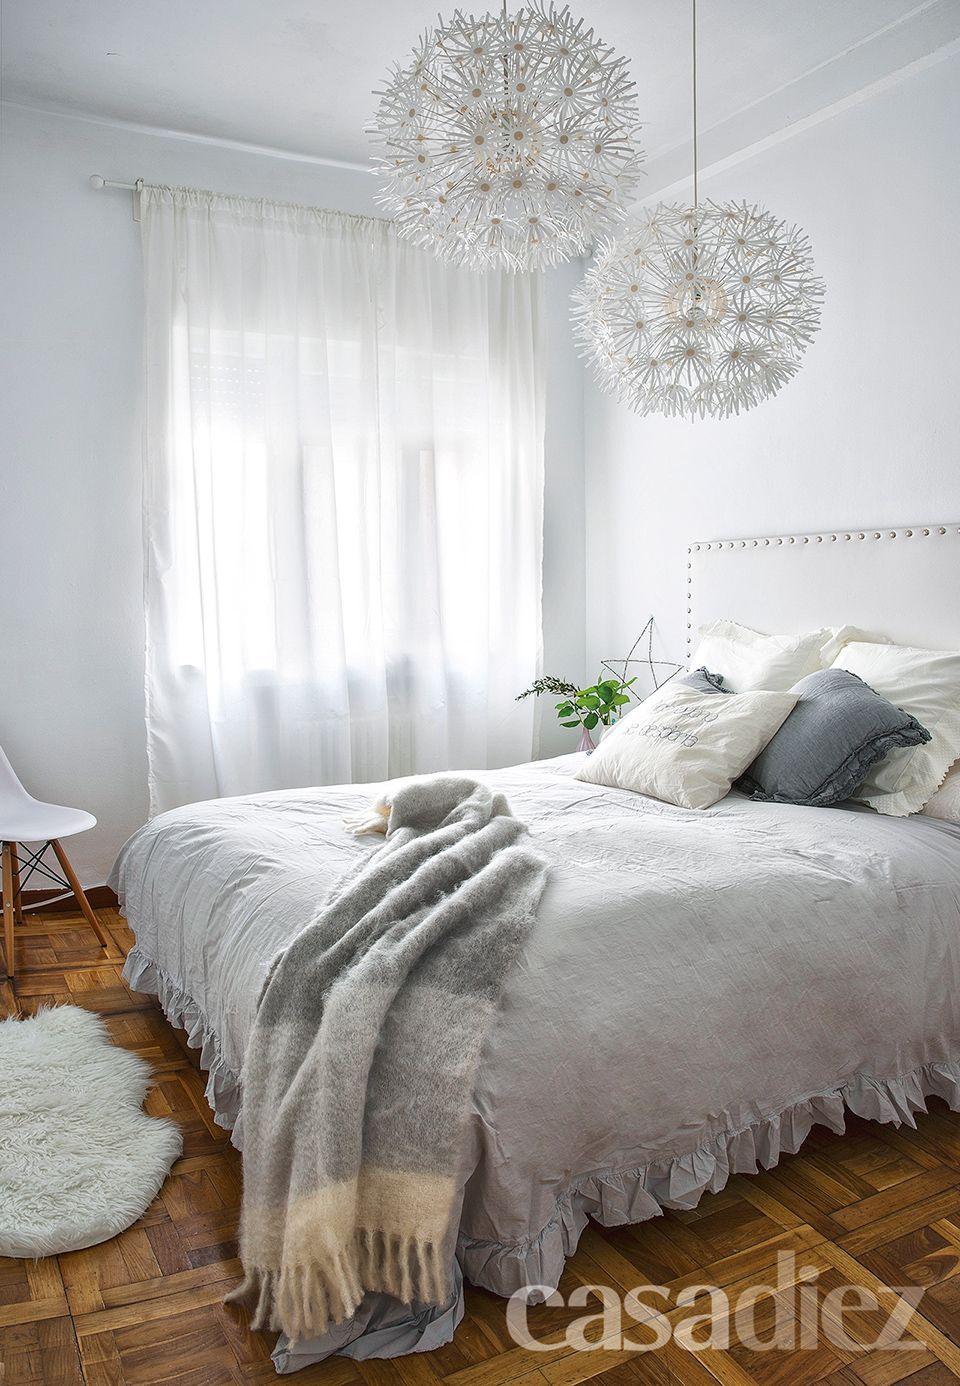 Revista Casa Diez | Revistas, Dormitorio y Decoración de dormitorios